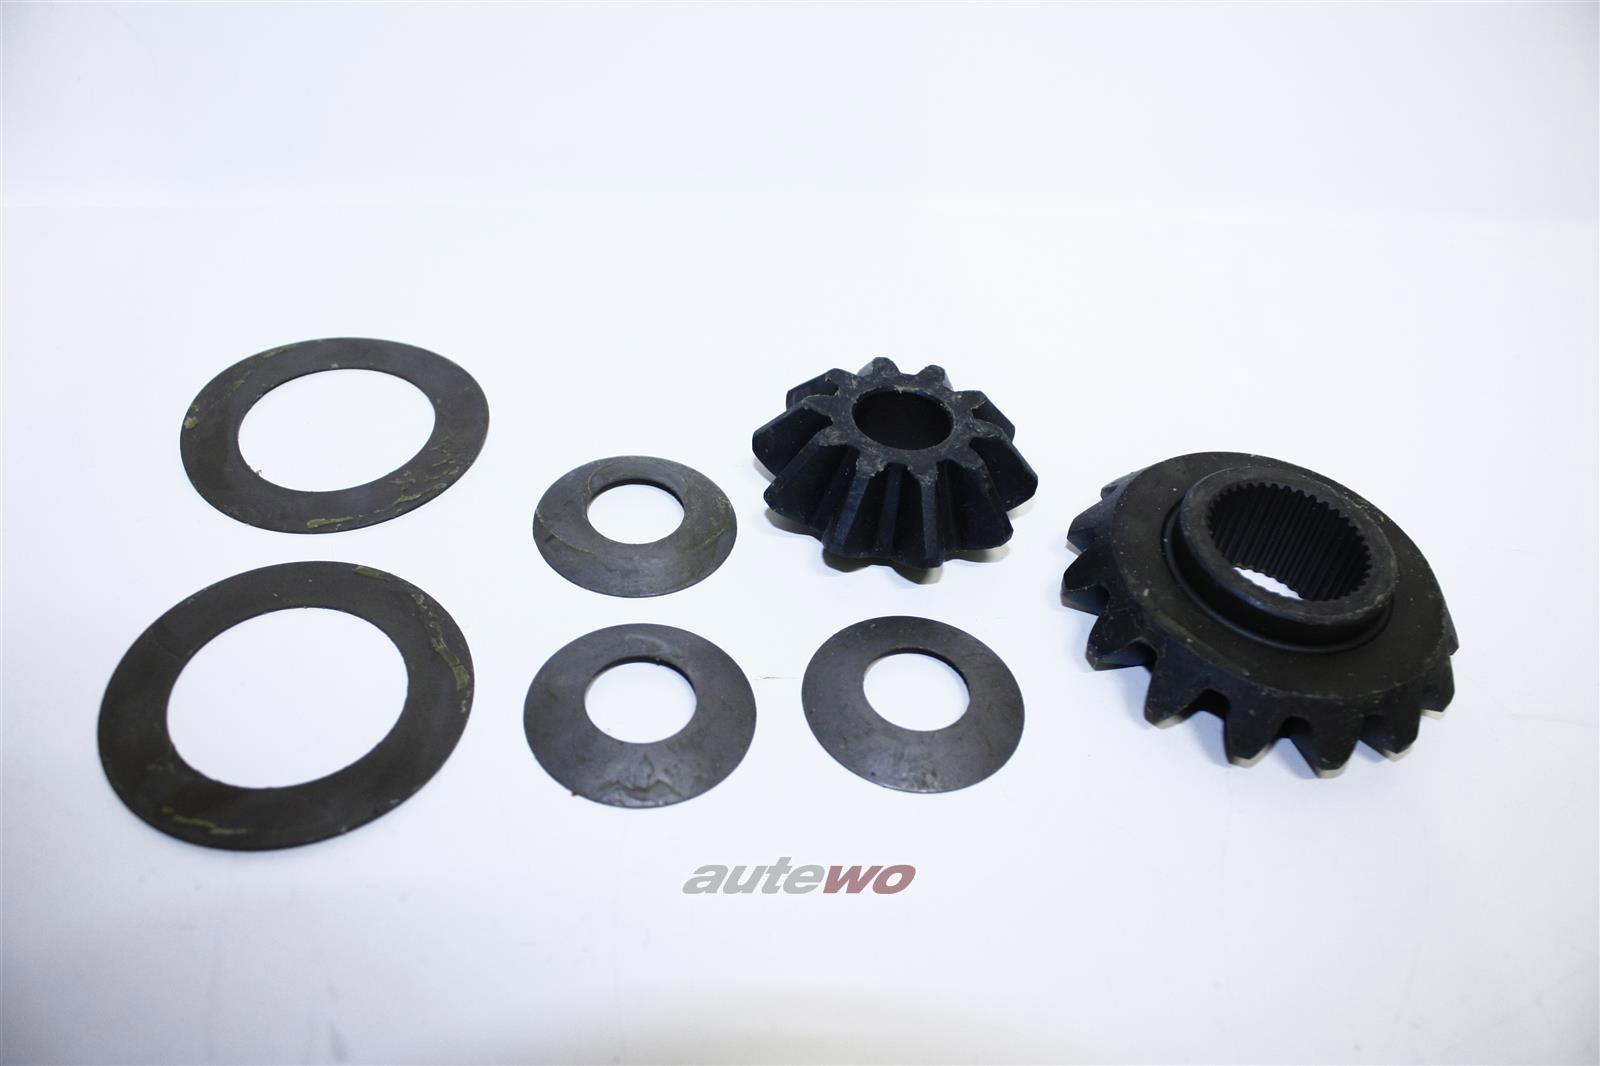 859498081 NEU Audi SportQuattro 2.2l Ausgleichskegelrad Ausgleichsgetriebe